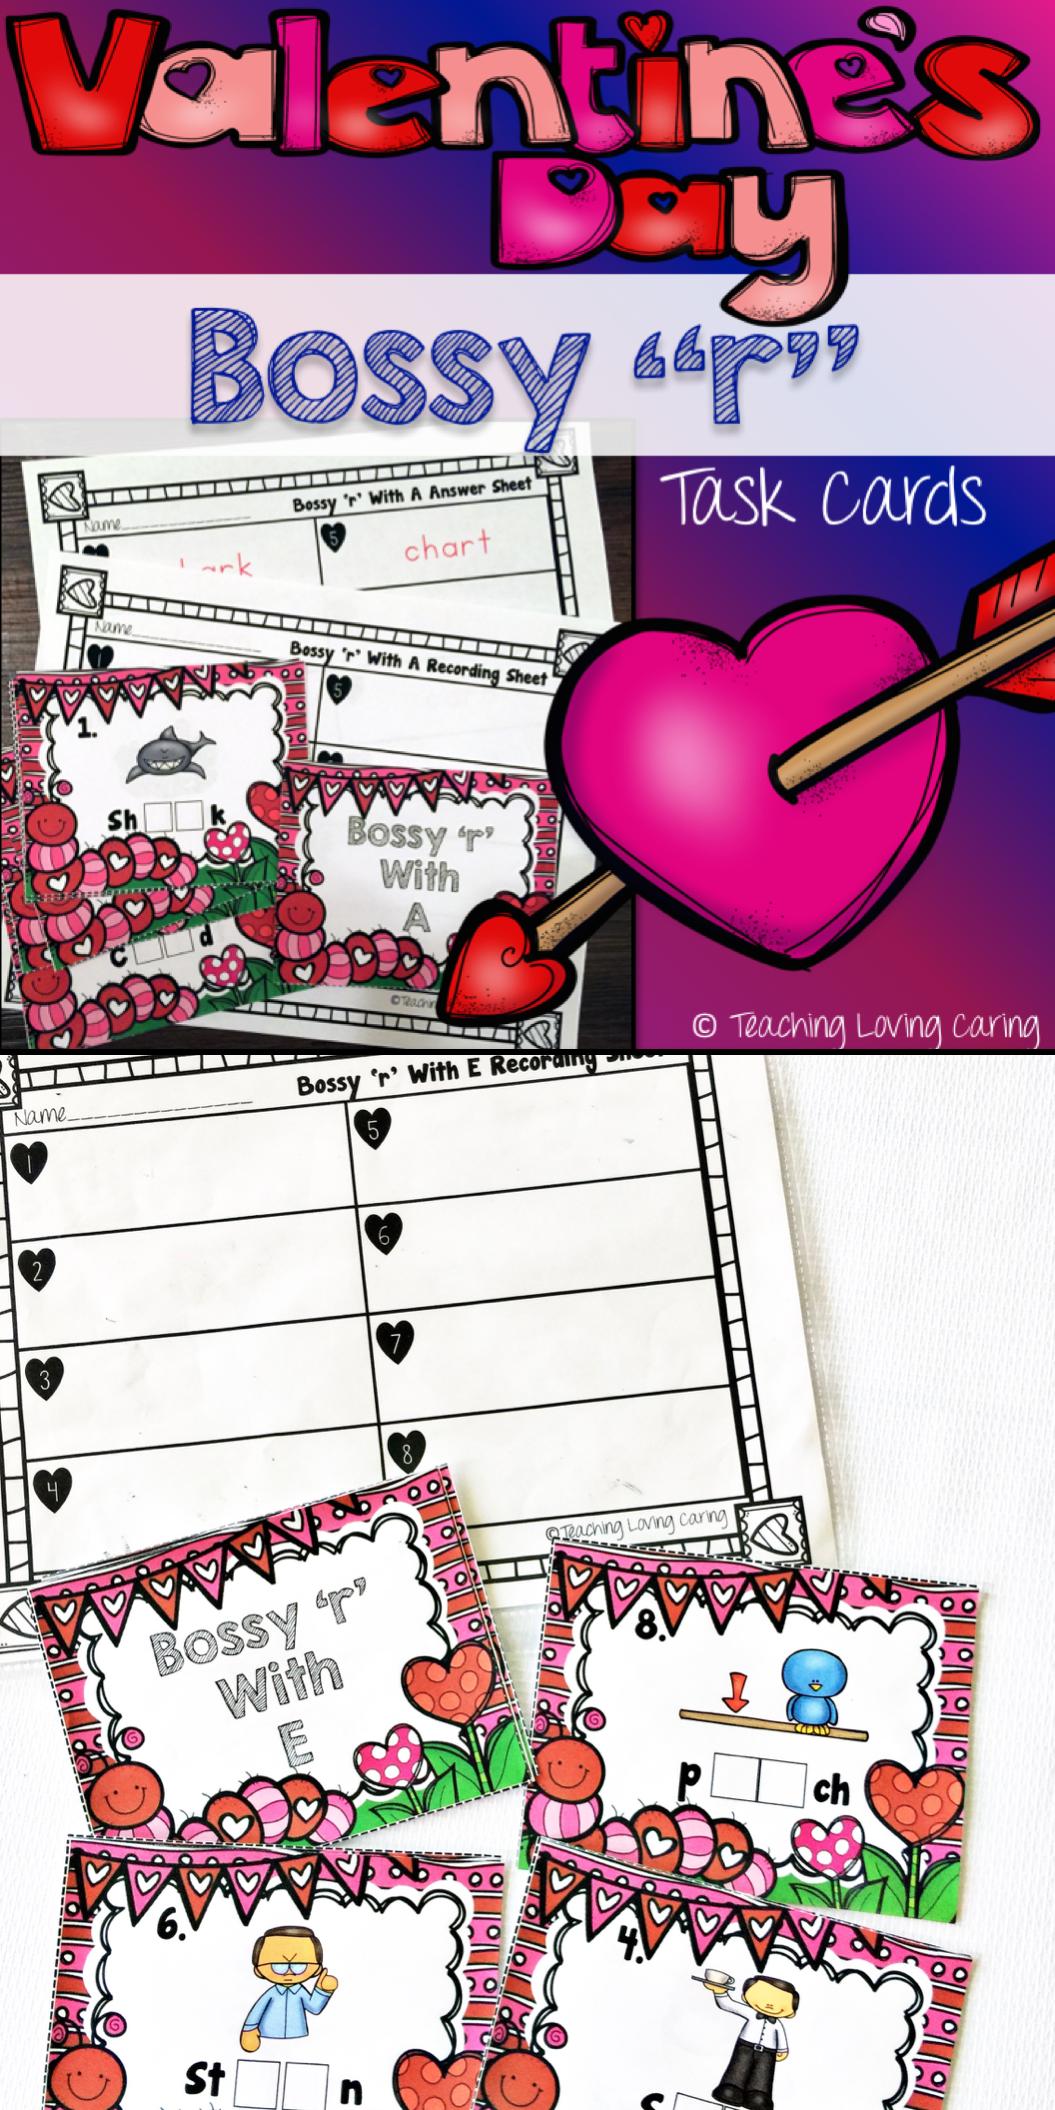 Valentineus day rcontrolled vowel task card literacy center best